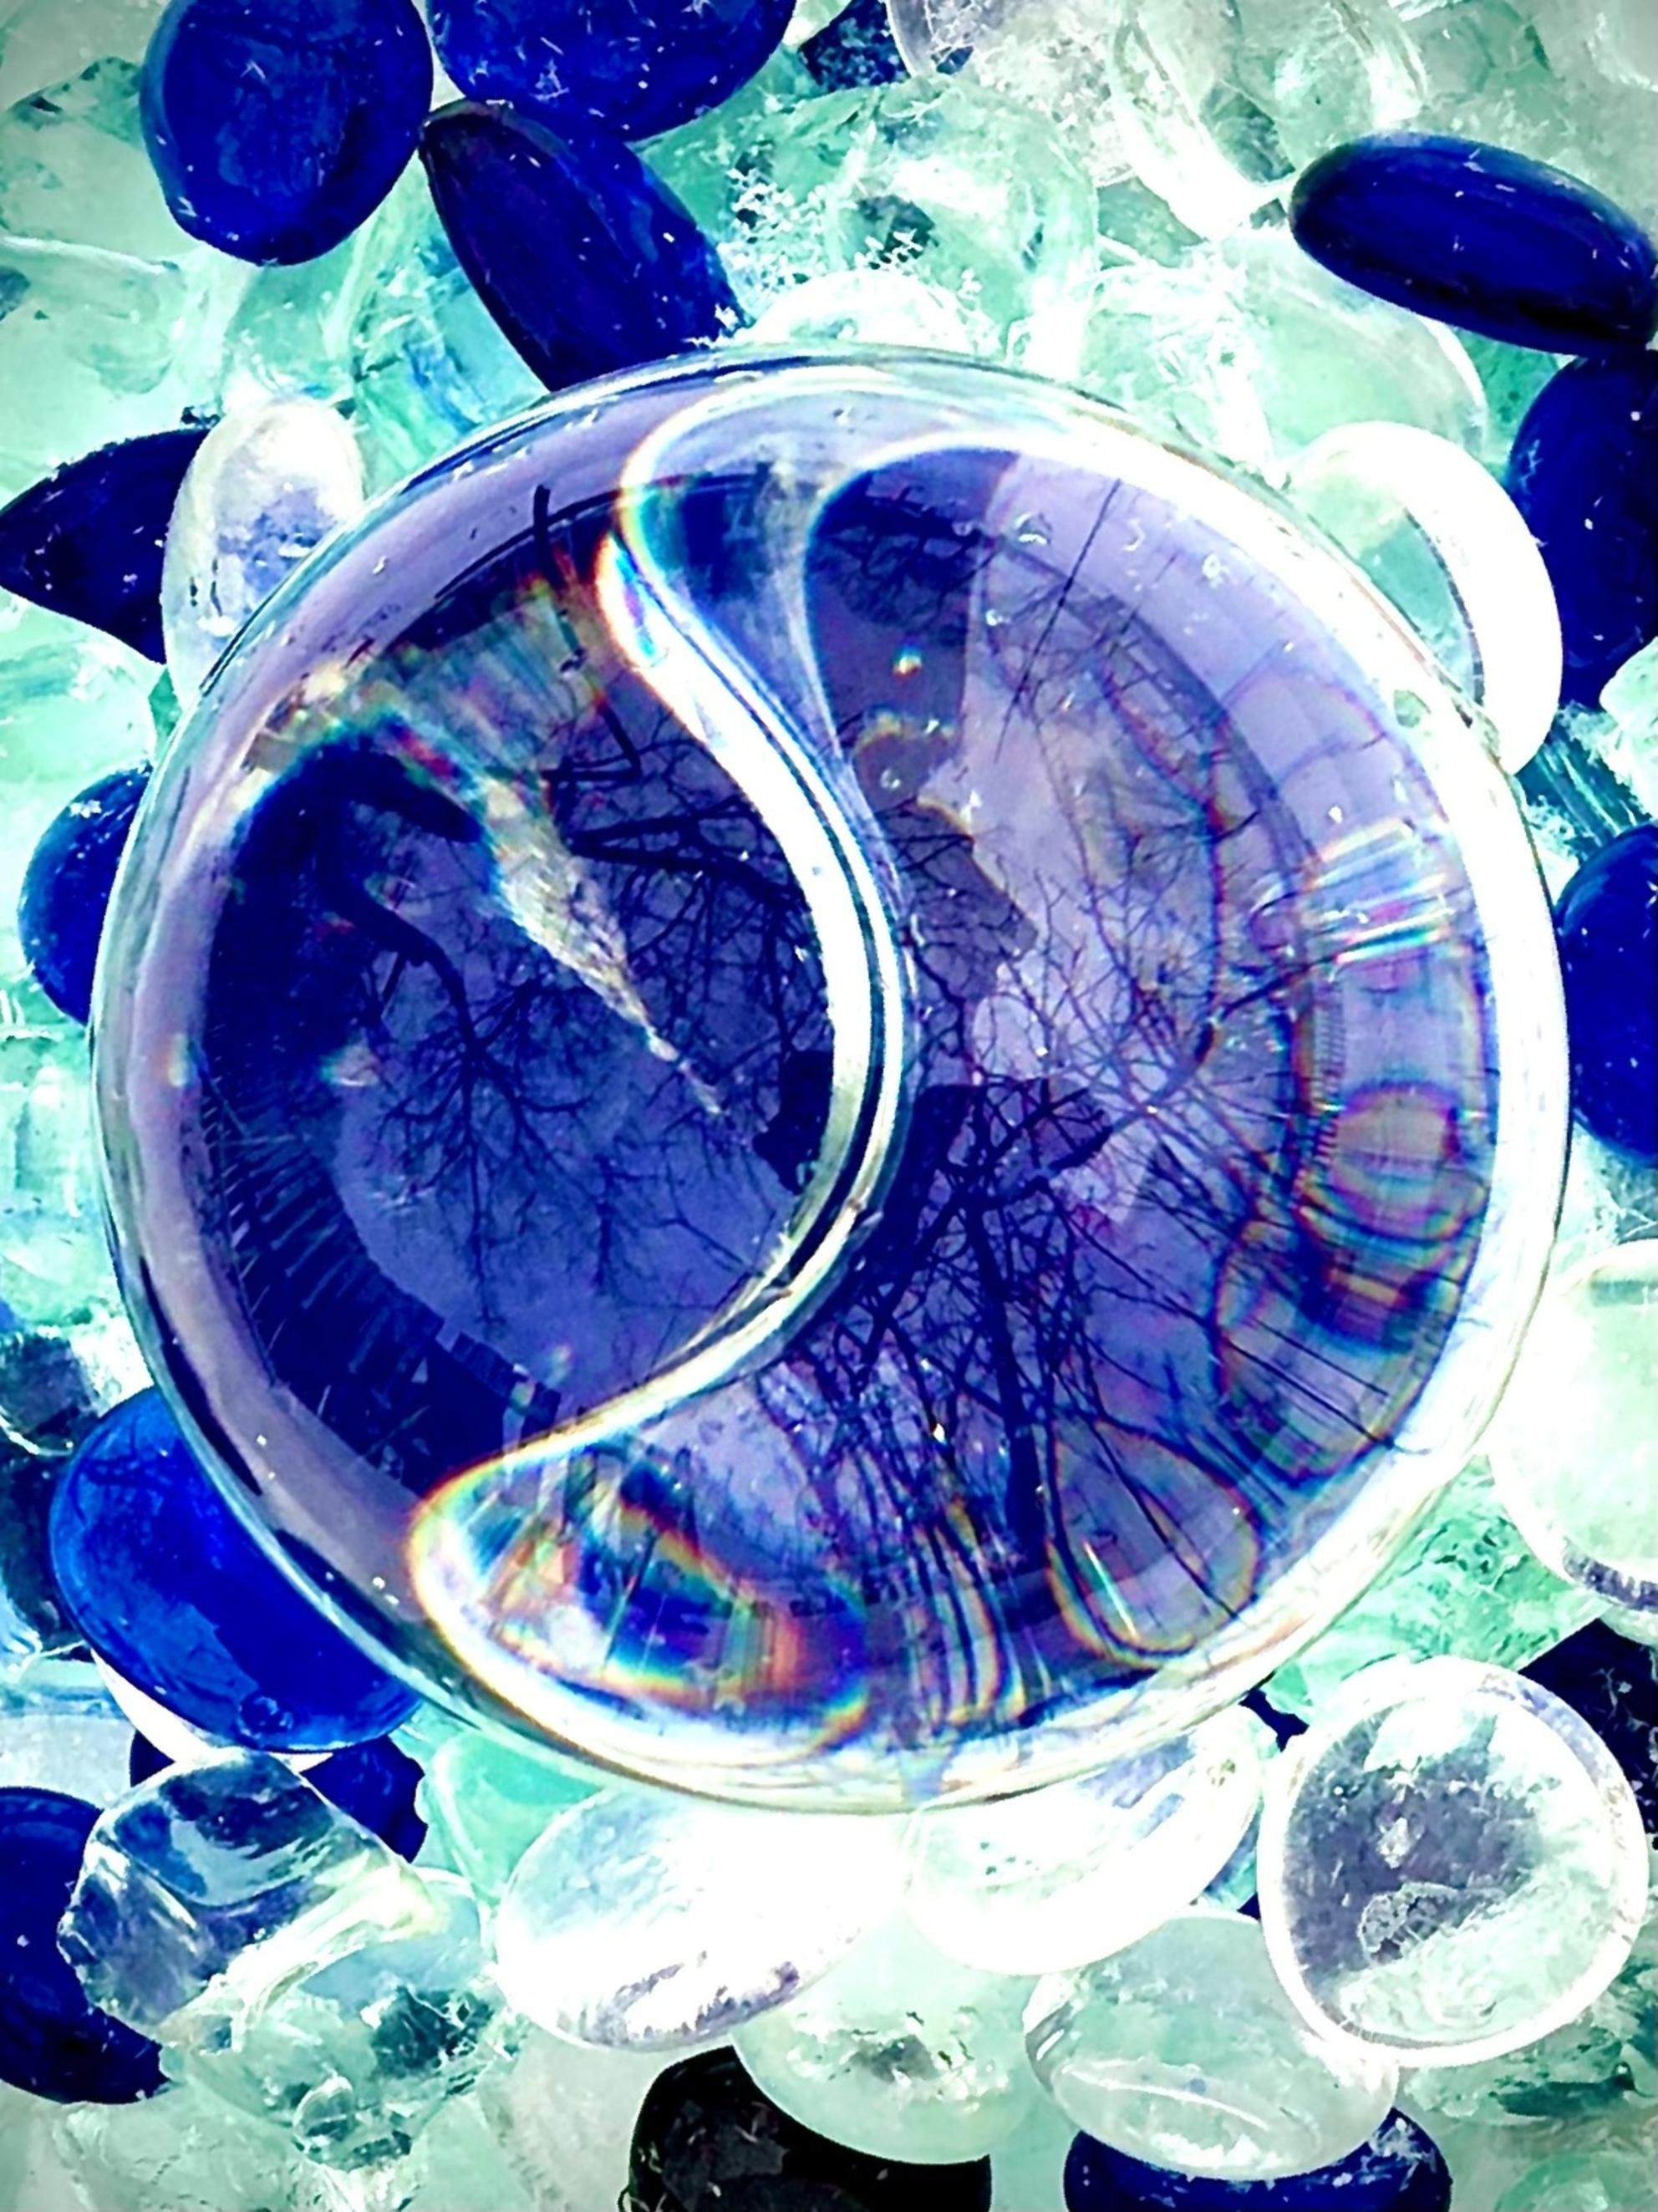 9E613ED3-E327-4393-A34E-0EE6BC9EF6EE - Experimenteren met glasbol fotografie - foto door LeonieME op 25-02-2021 - deze foto bevat: glas, abstract, licht, spiegeling, kunst, reflecties - Deze foto mag gebruikt worden in een Zoom.nl publicatie